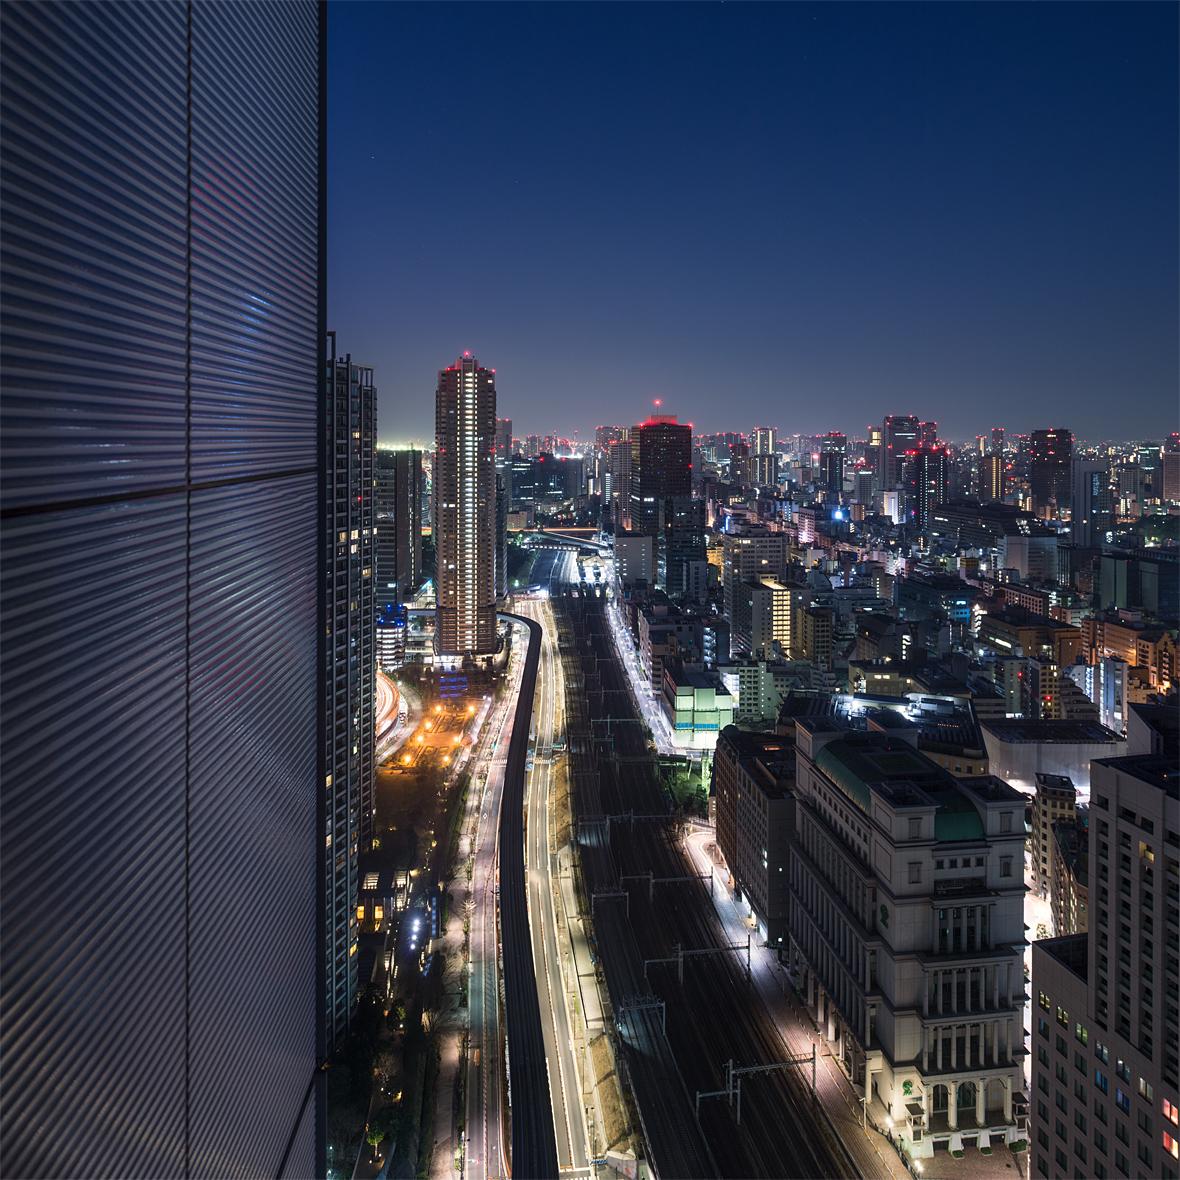 Tokyo at night #3